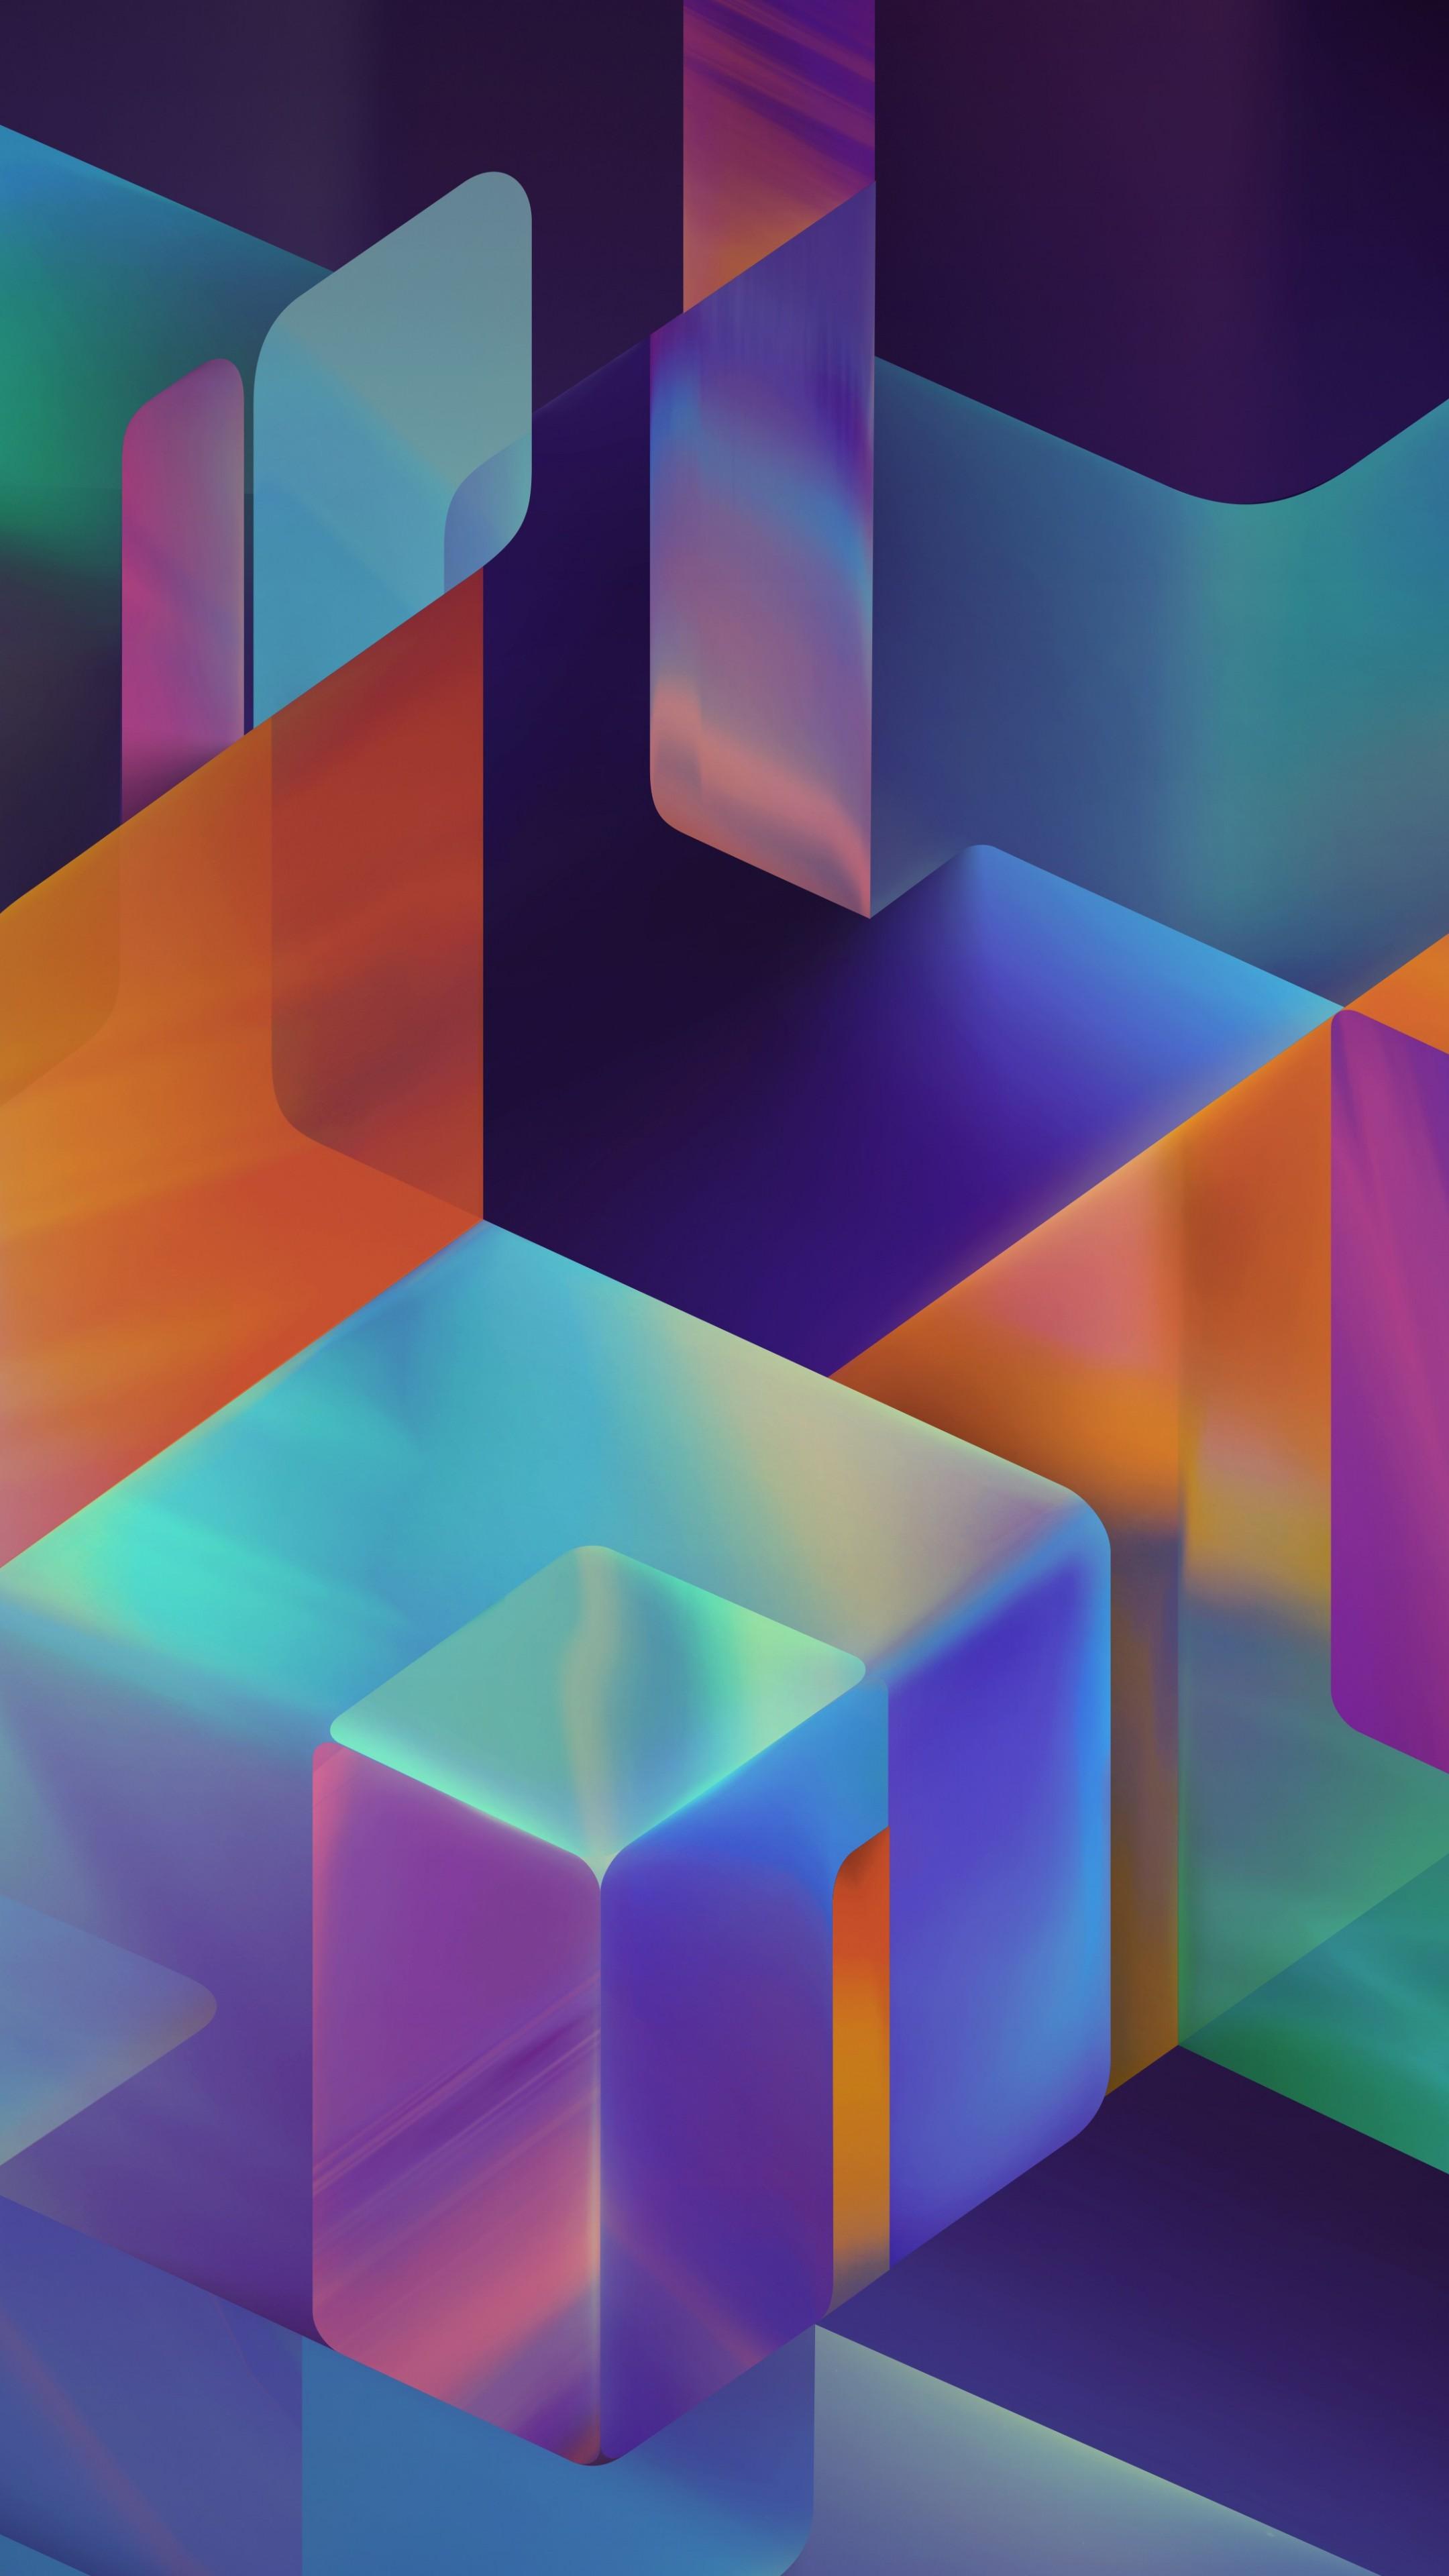 Hình nền 3D cho Android